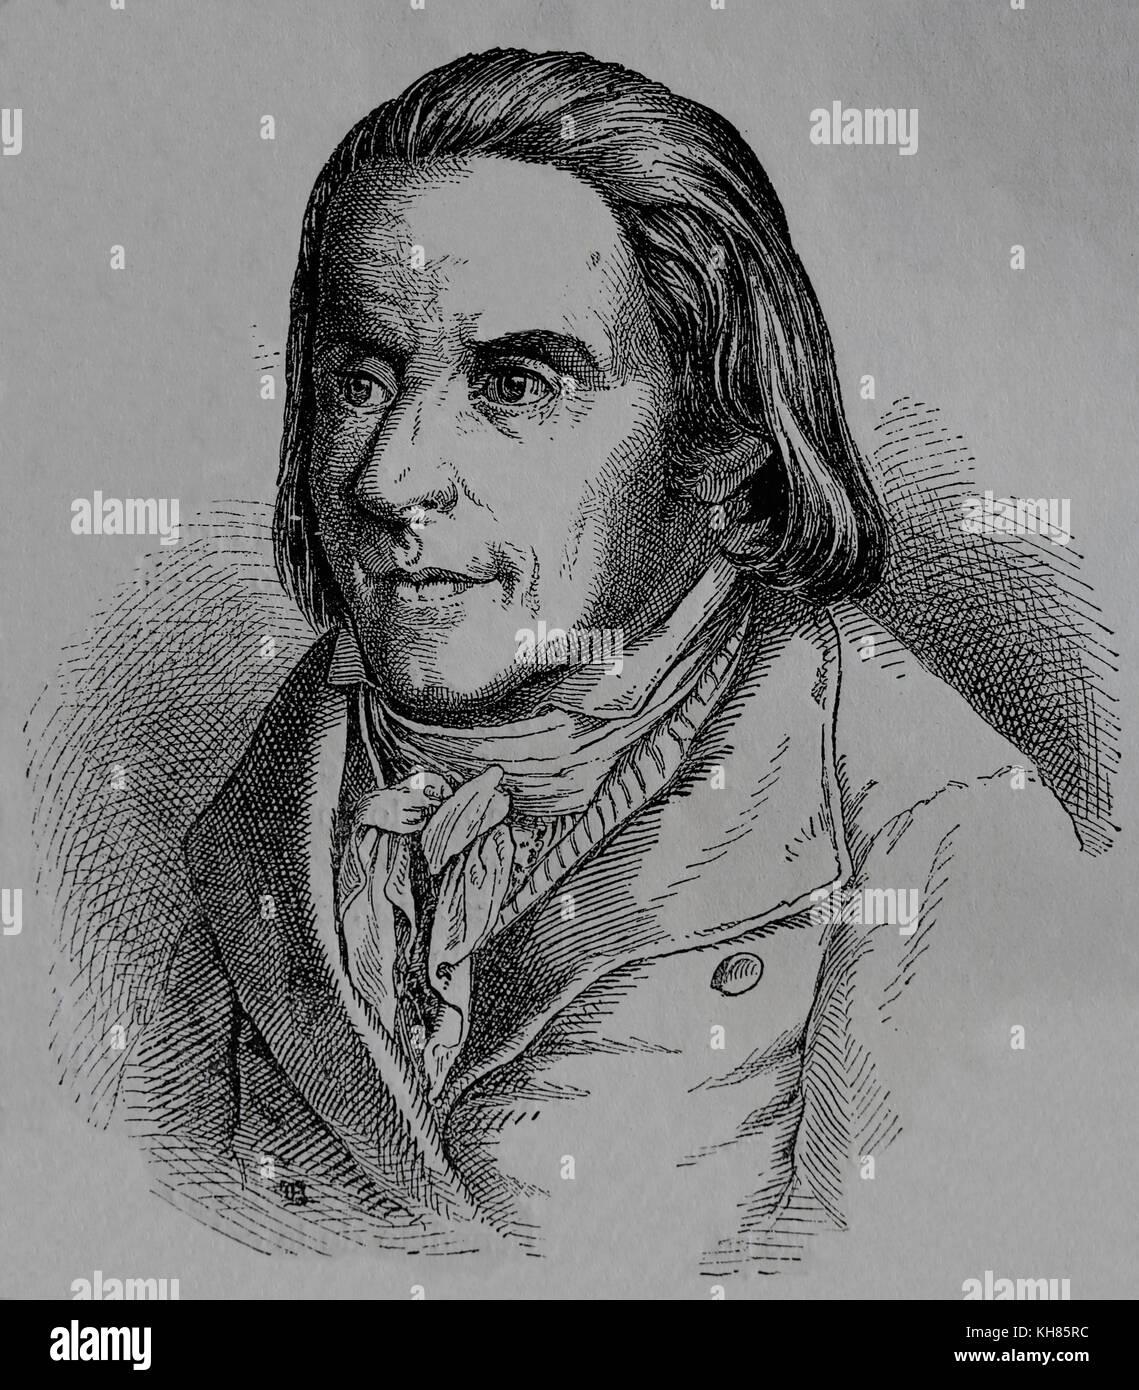 Johann Heinrich Pestalozzi (1746-1827), Schweizer Pädagoge und Bildung Reformer. der deutschen Romantik Schule. Stockbild